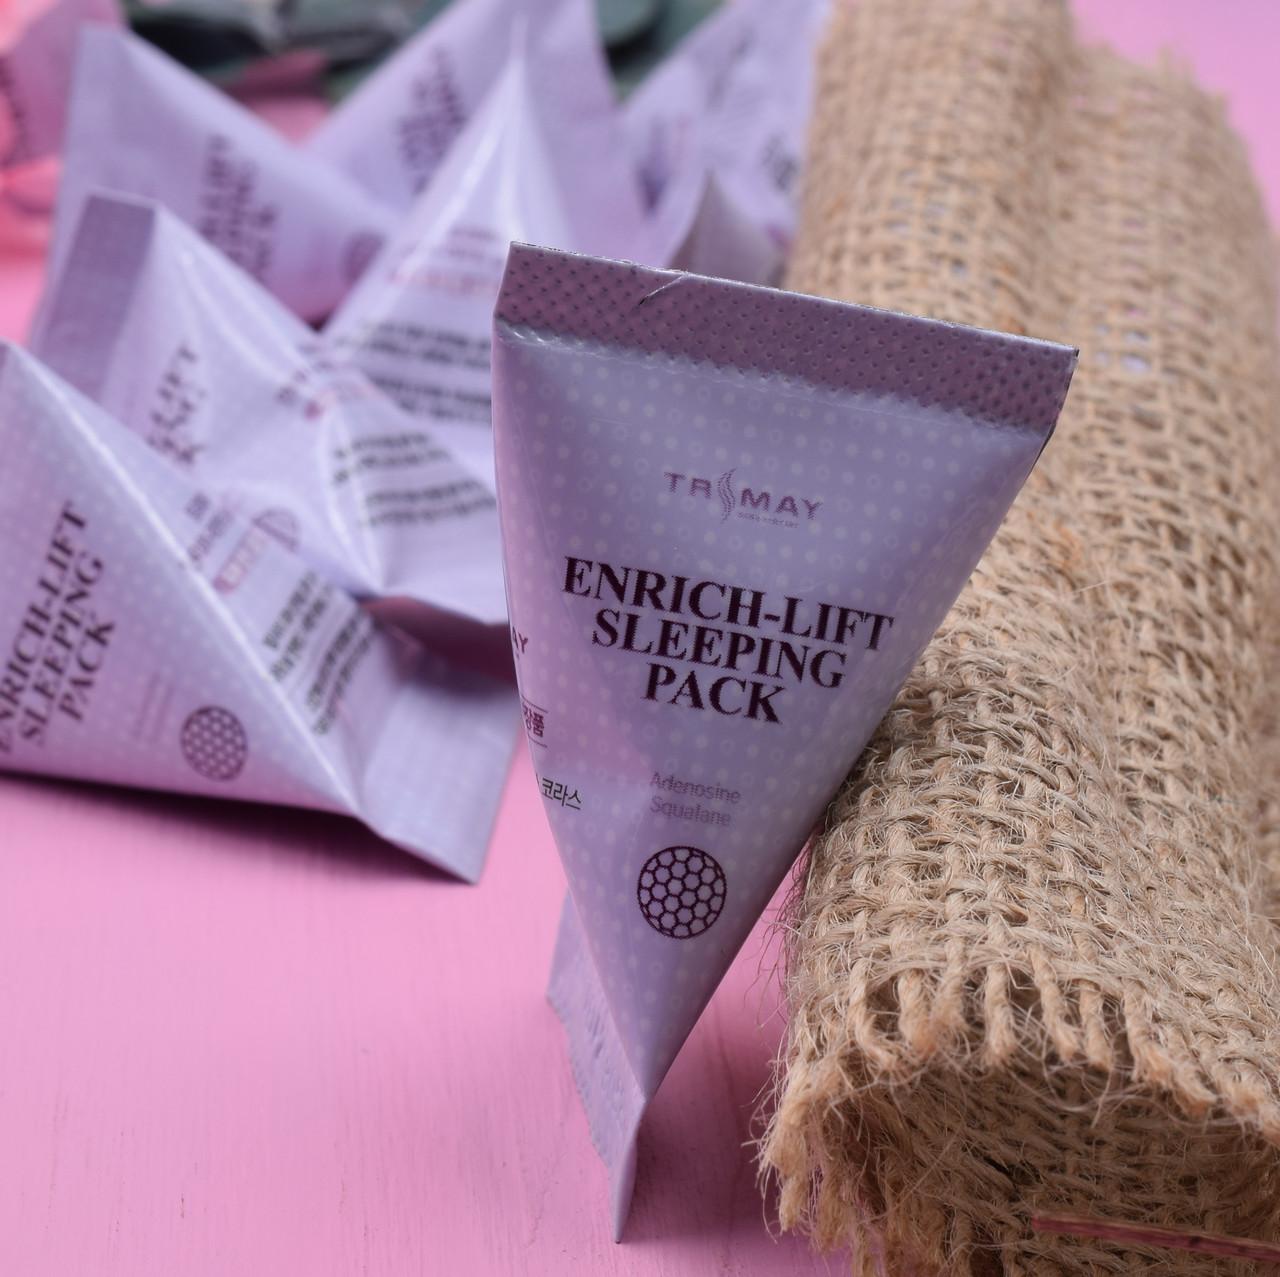 Ночная маска TRIMAY для повышения эластичности Enrich-lift Sleeping Pack